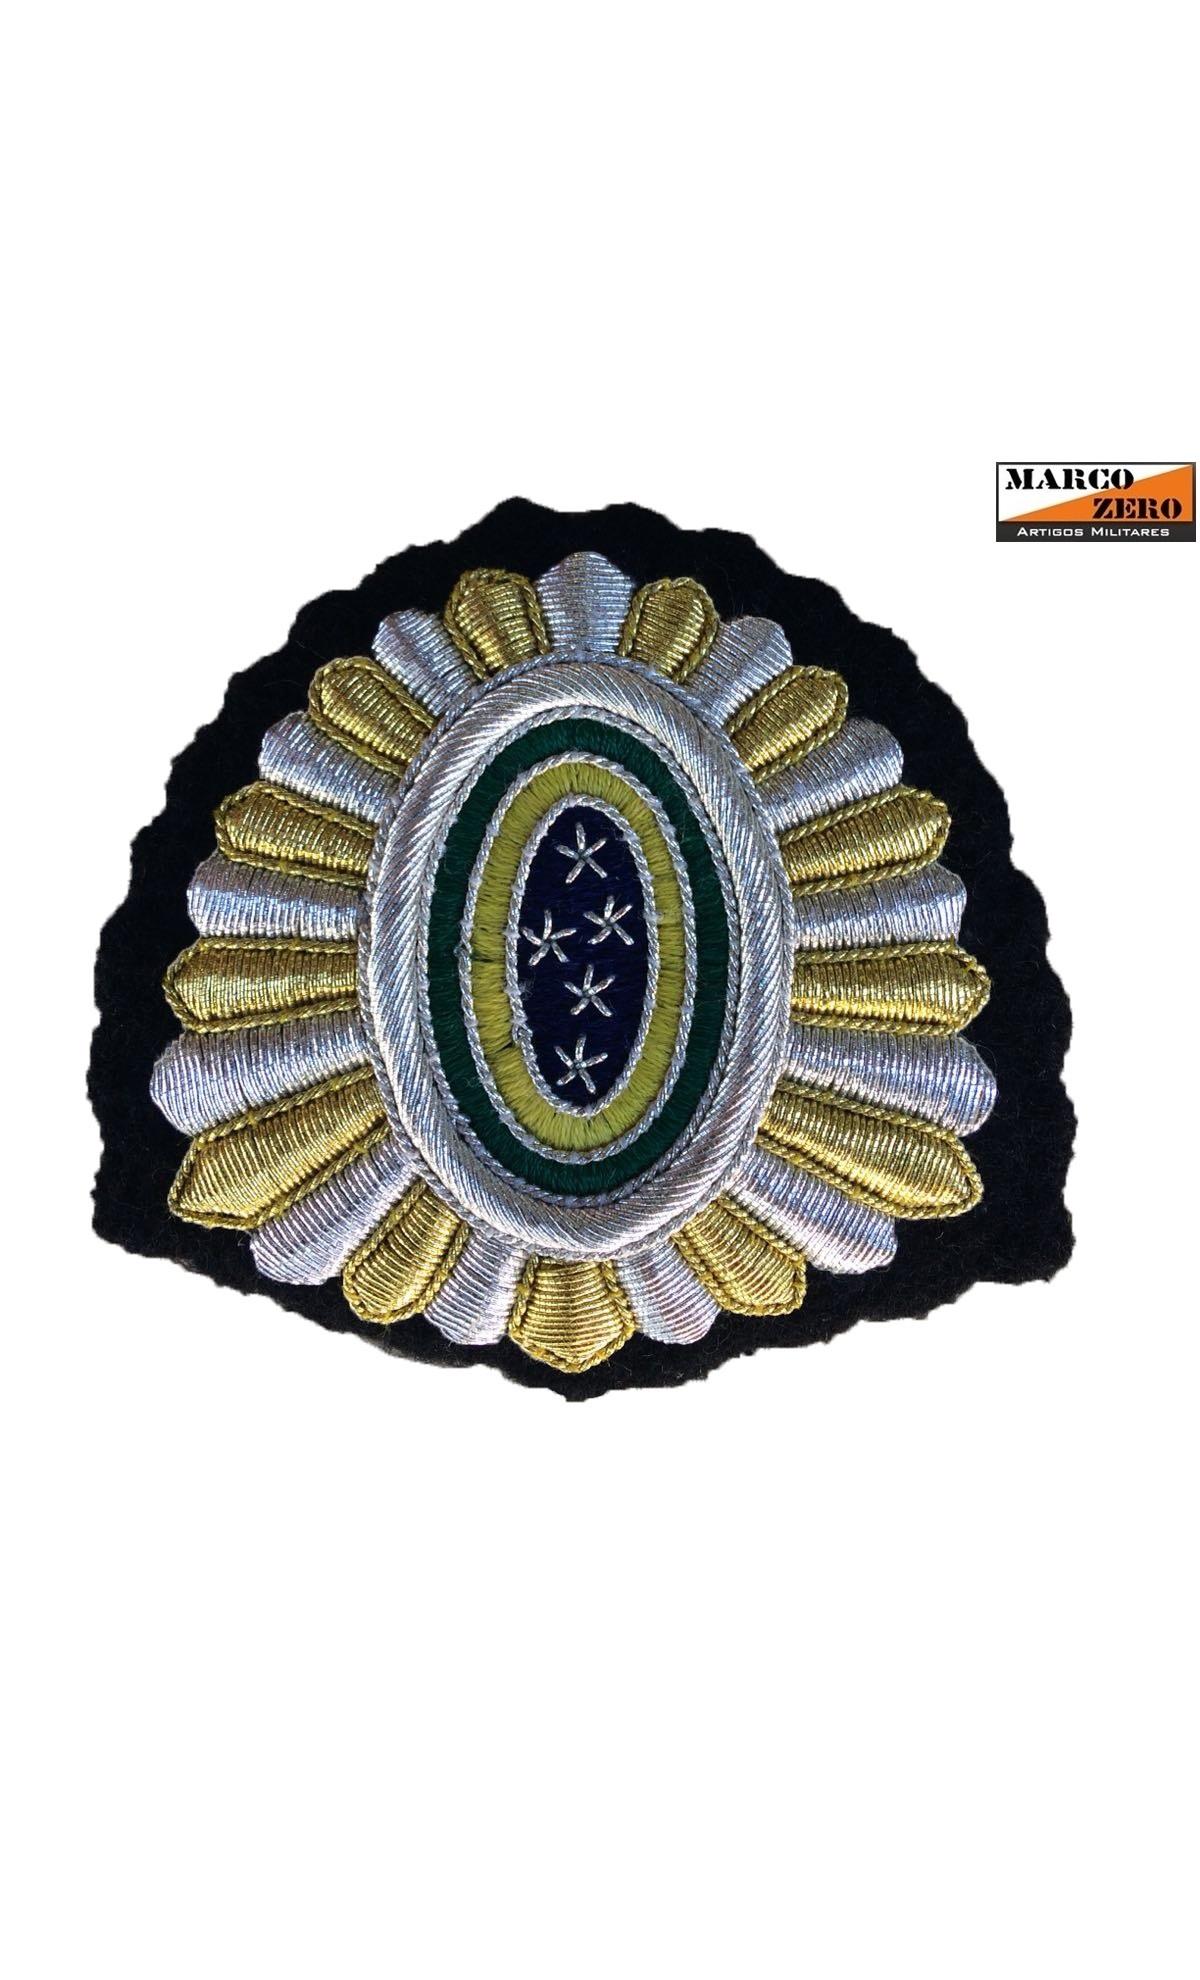 SÍMBOLO DE QUEPE MASCULINO – Marco Zero Militar e3a1727ae9f